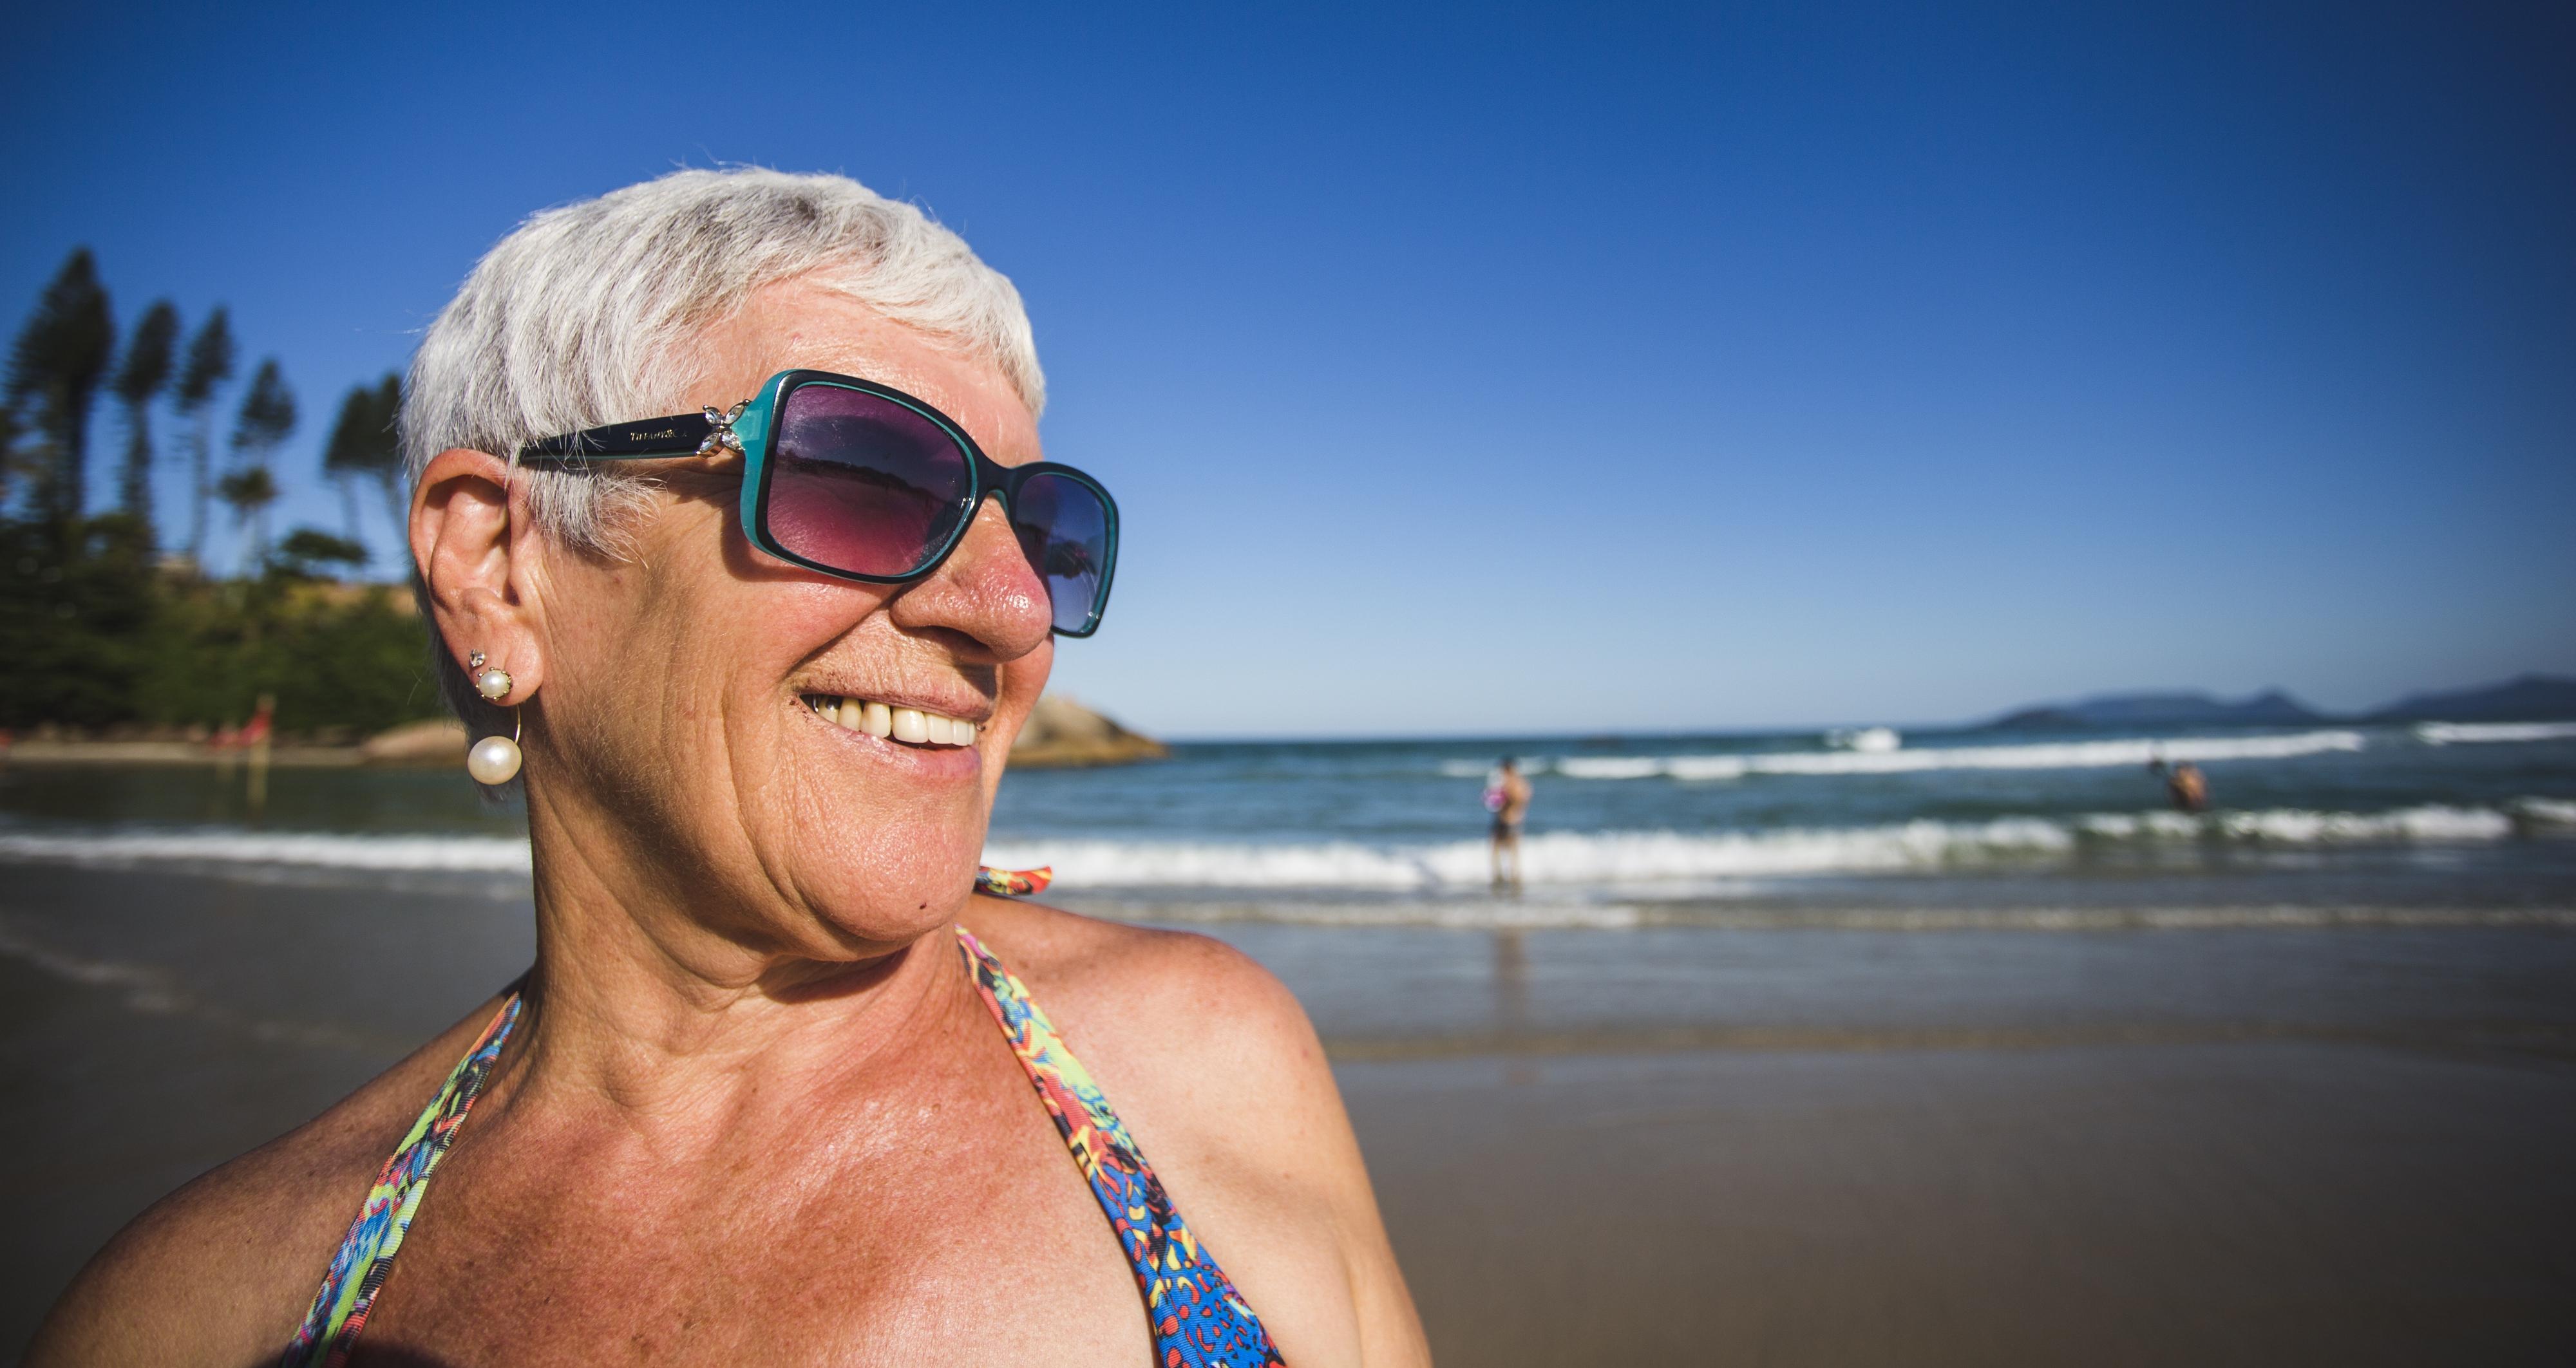 Vergínia Lúcia Tuono Botelho, de 64 anos, considerou a água da Lagoa mais gelada que a da Joaquina - Daniel Queiroz/ND